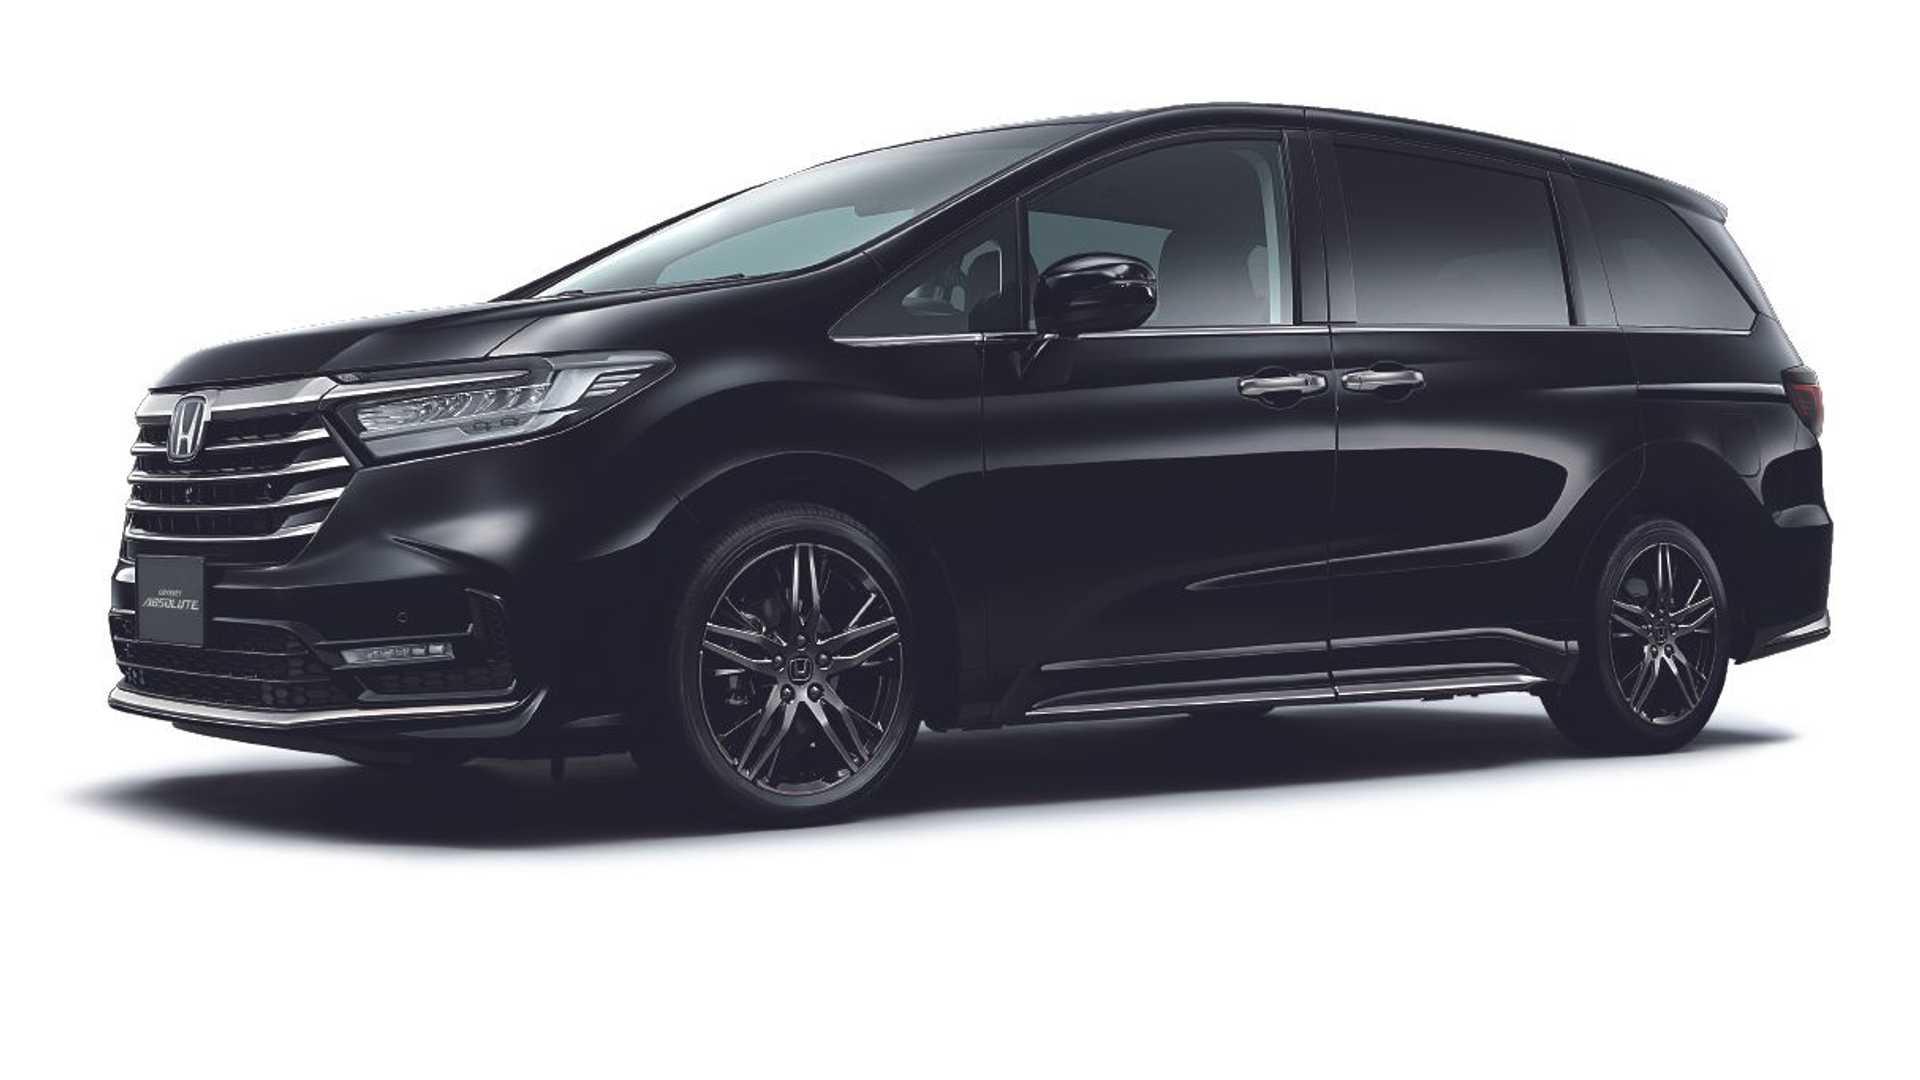 Honda-Odyssey-facelift-2020-4